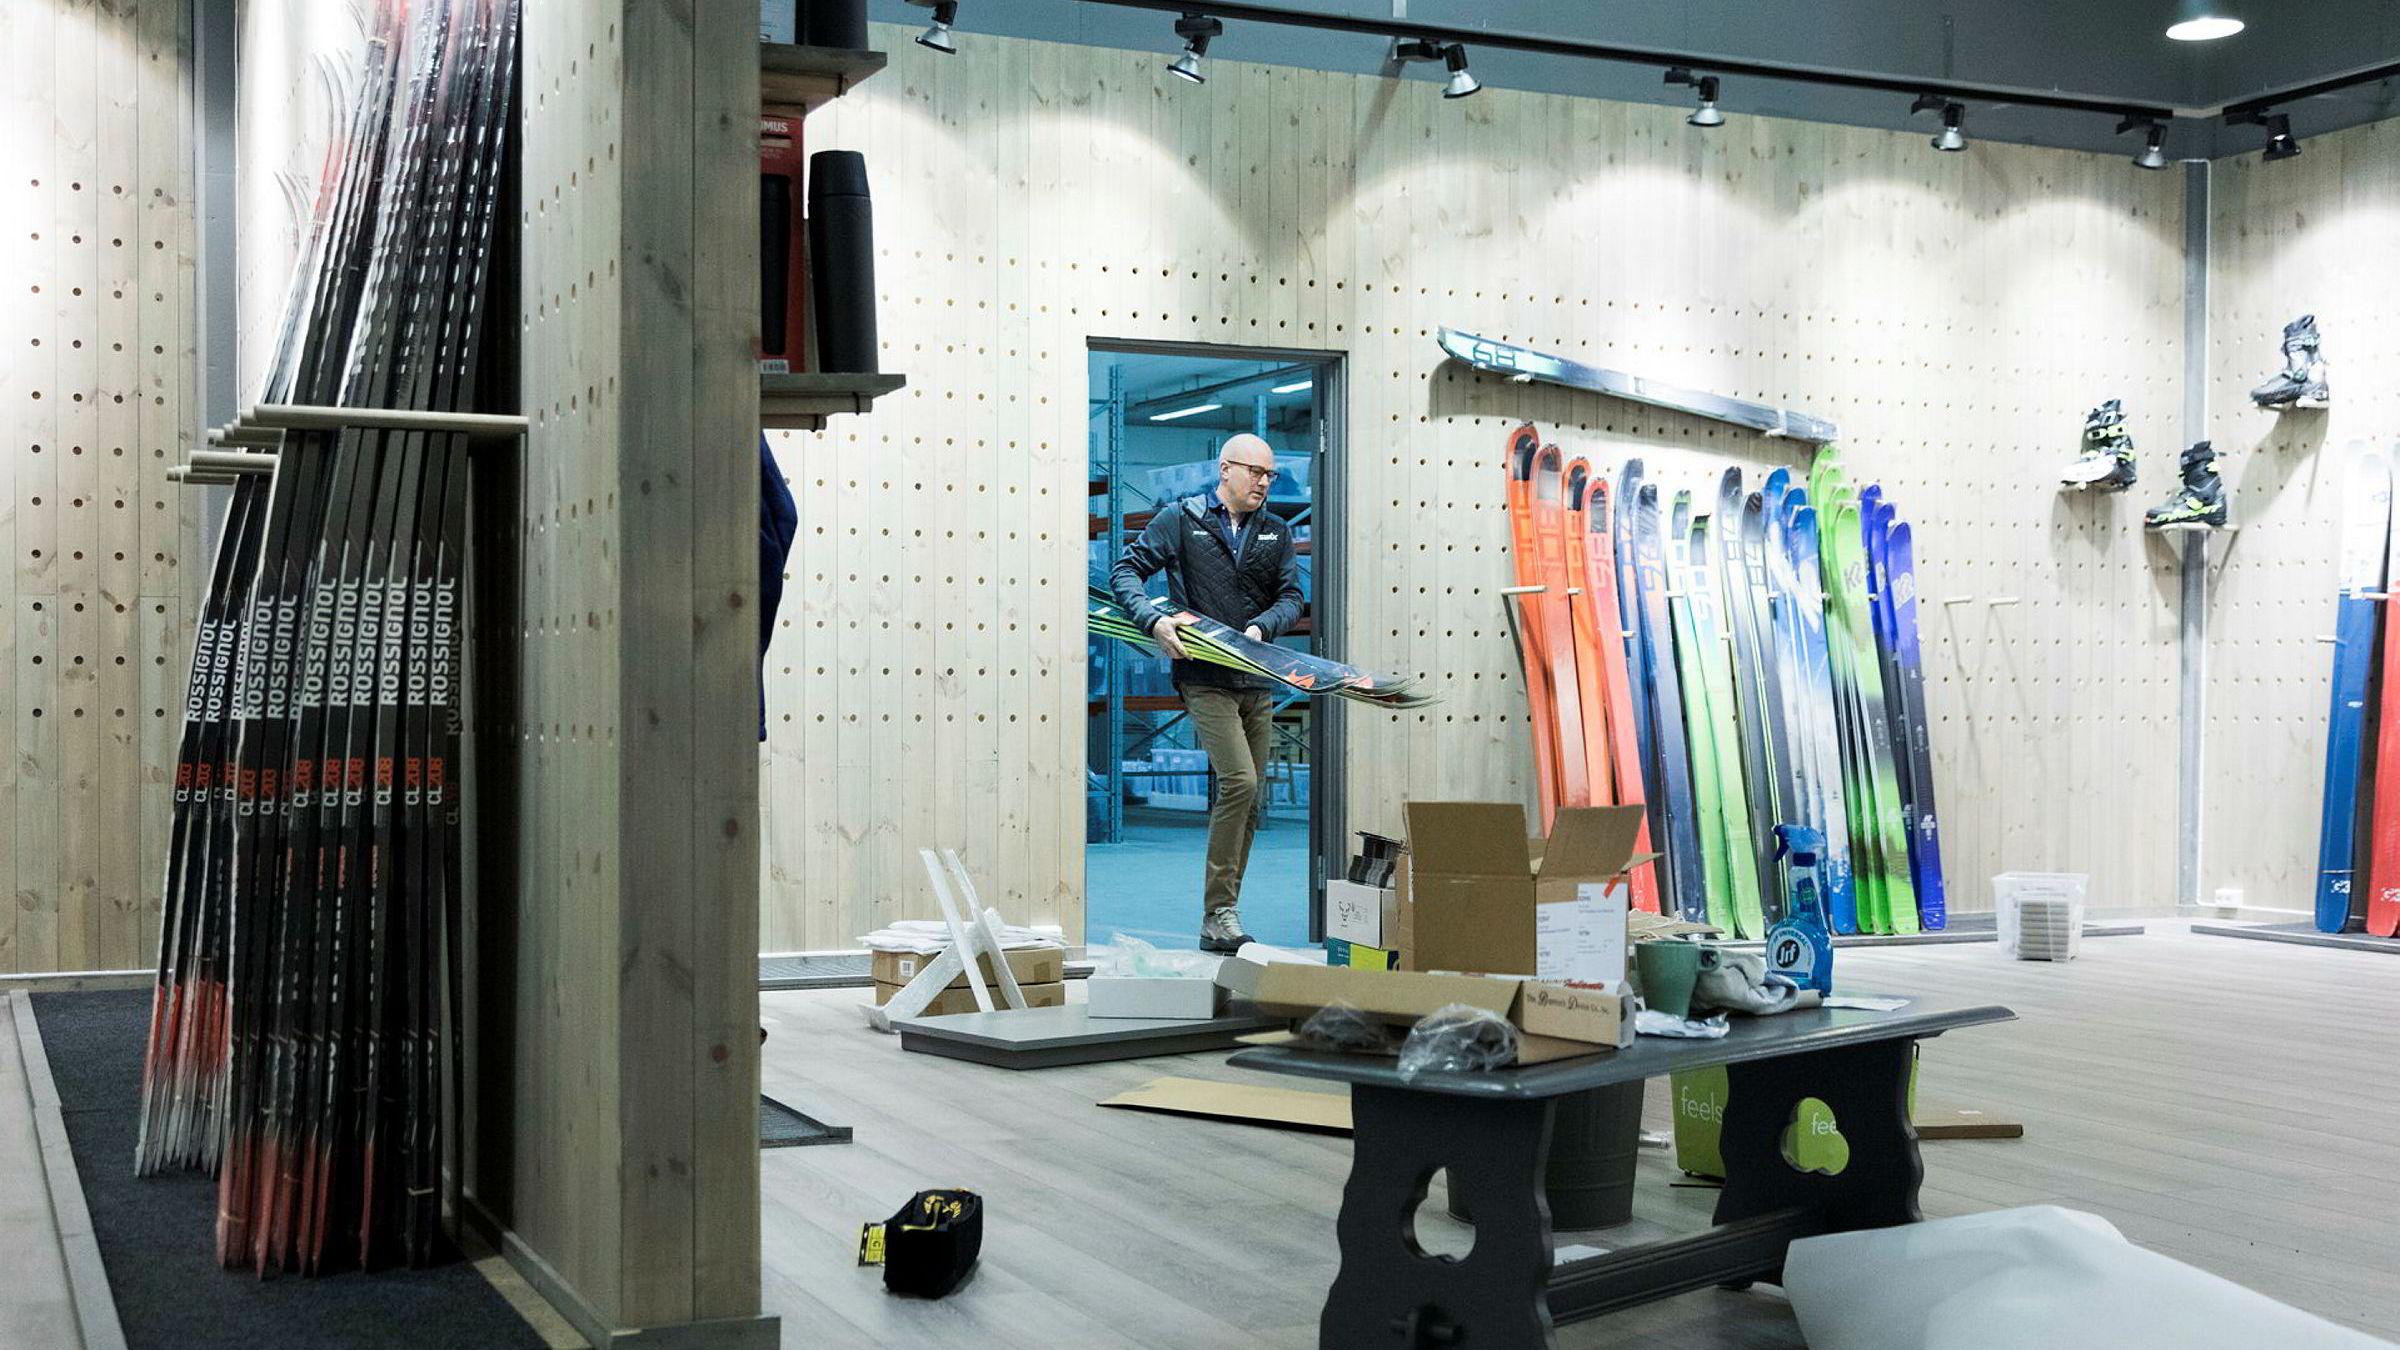 Daglig leder Anders Baardseth i nyopprettede Braasport setter på plass ski i visningsrommet de er i ferd med å klargjøre til åpningen. Han mener det er viktig å tenke nytt for å gjøre det bra i et sportsmarked i endring.